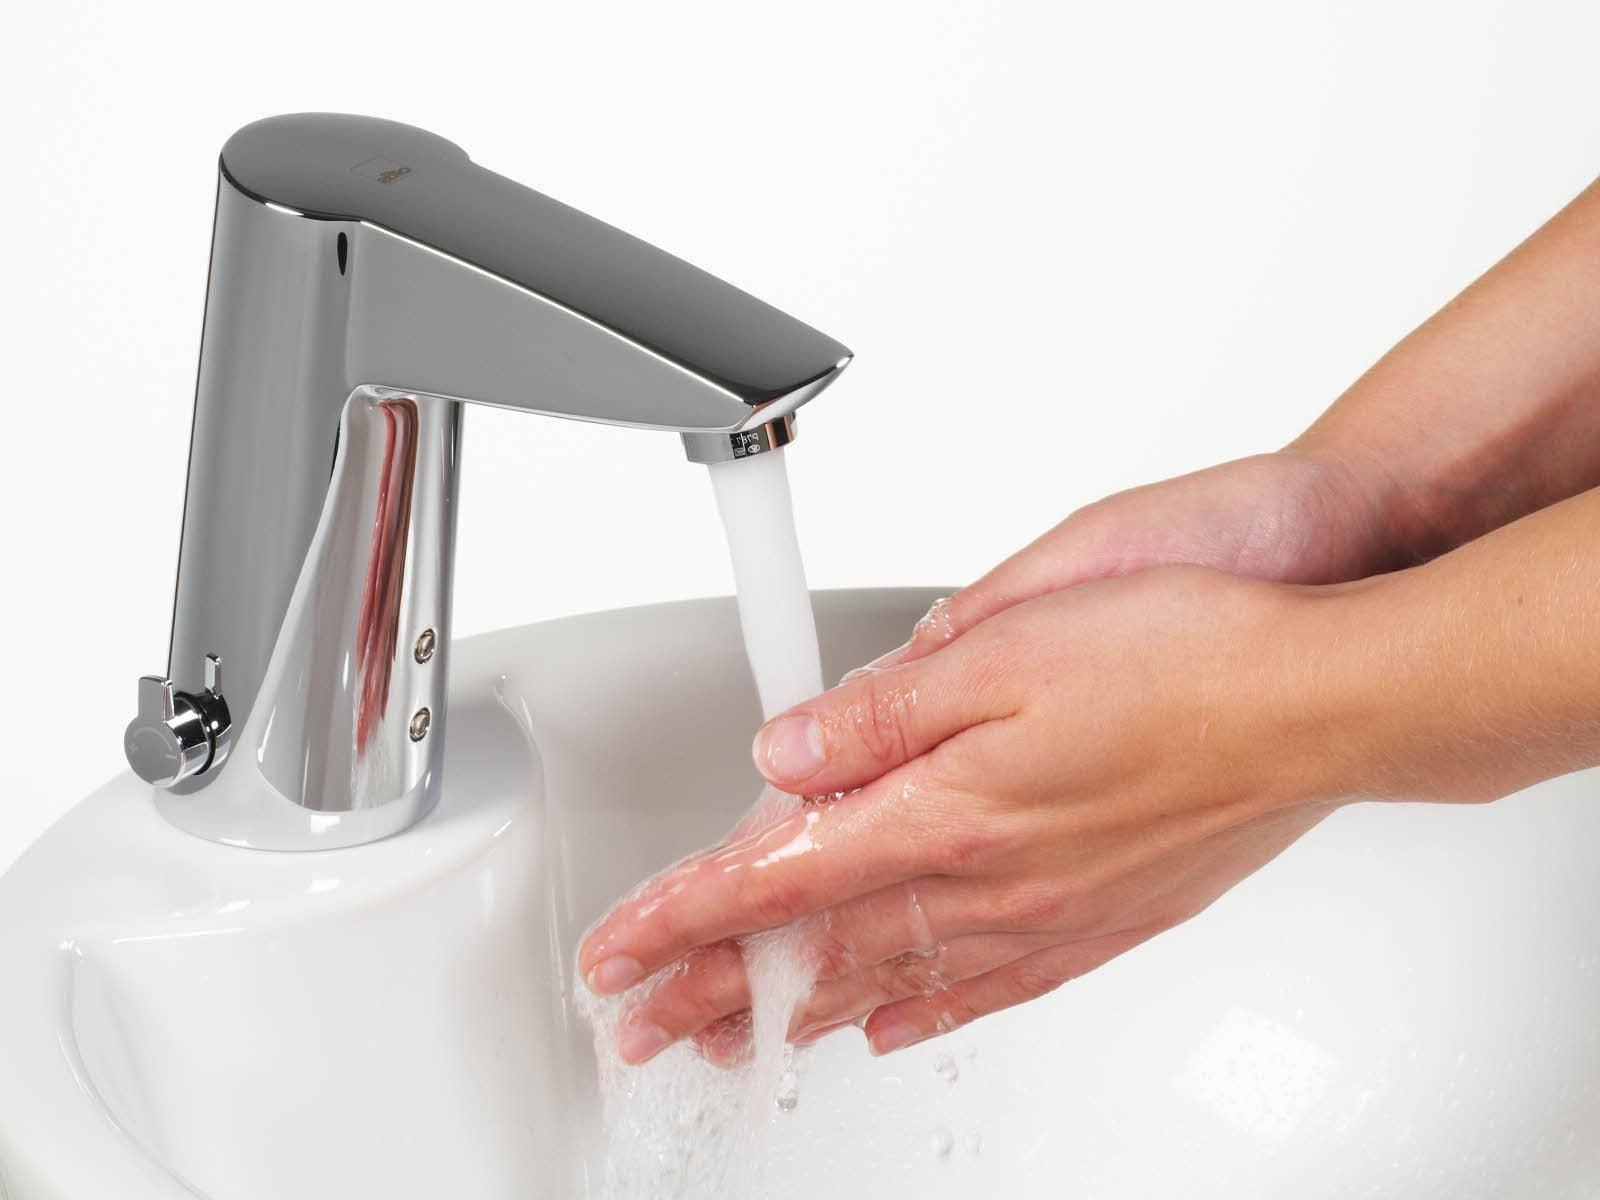 Смеситель с датчиком движения для подачи воды: инфракрасные (ик) краны для рук в раковину